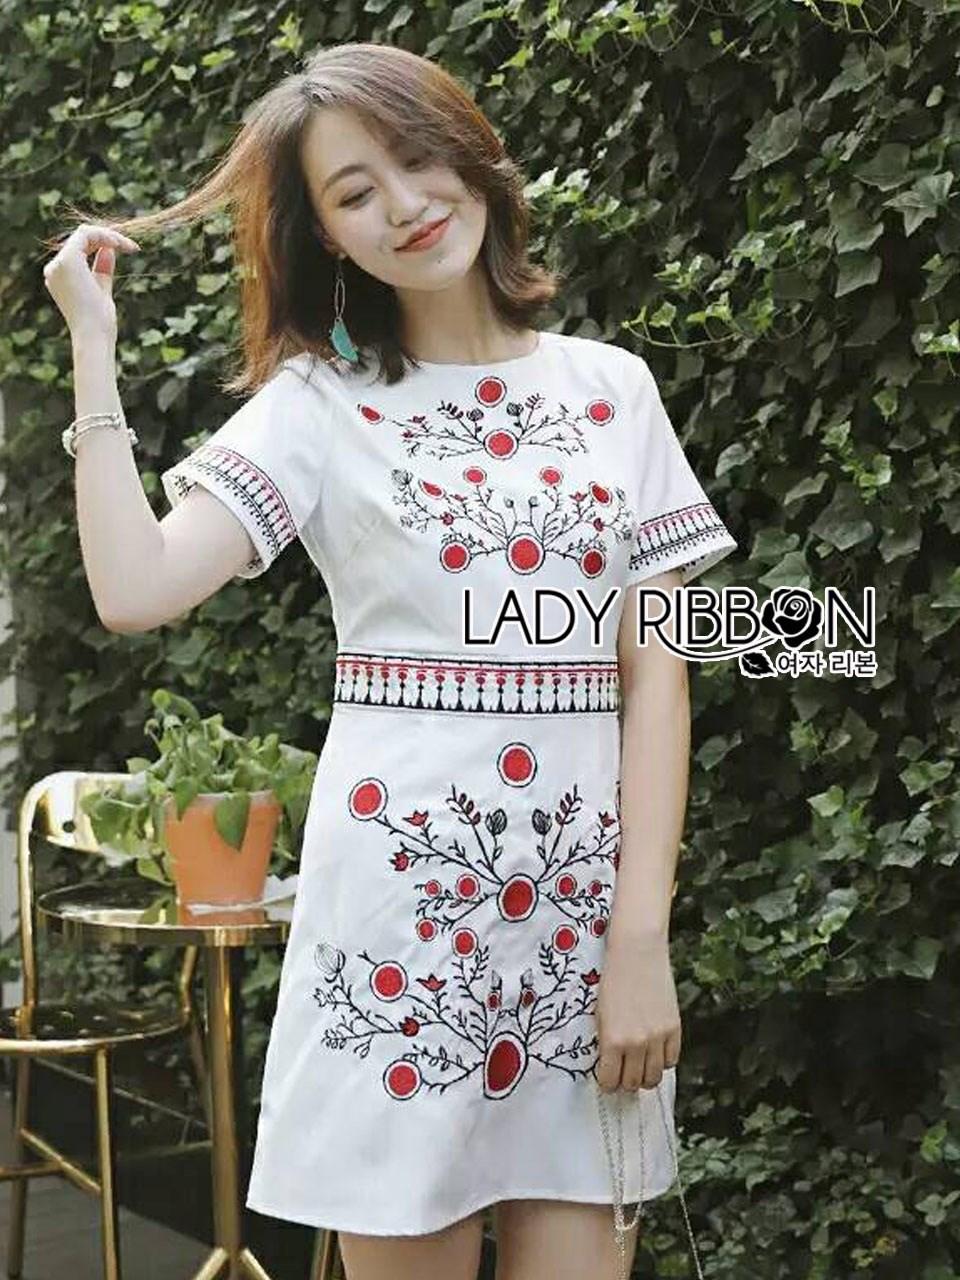 เดรสผ้าเครปสีขาวปักลายดอกไม้ลายจุดสีแดง ลุคนี้เป็นแบบน่ารักๆ ใส่ง่ายๆ ทรงเรียบง่าย ป้าย Lady Ribbon นะคะ